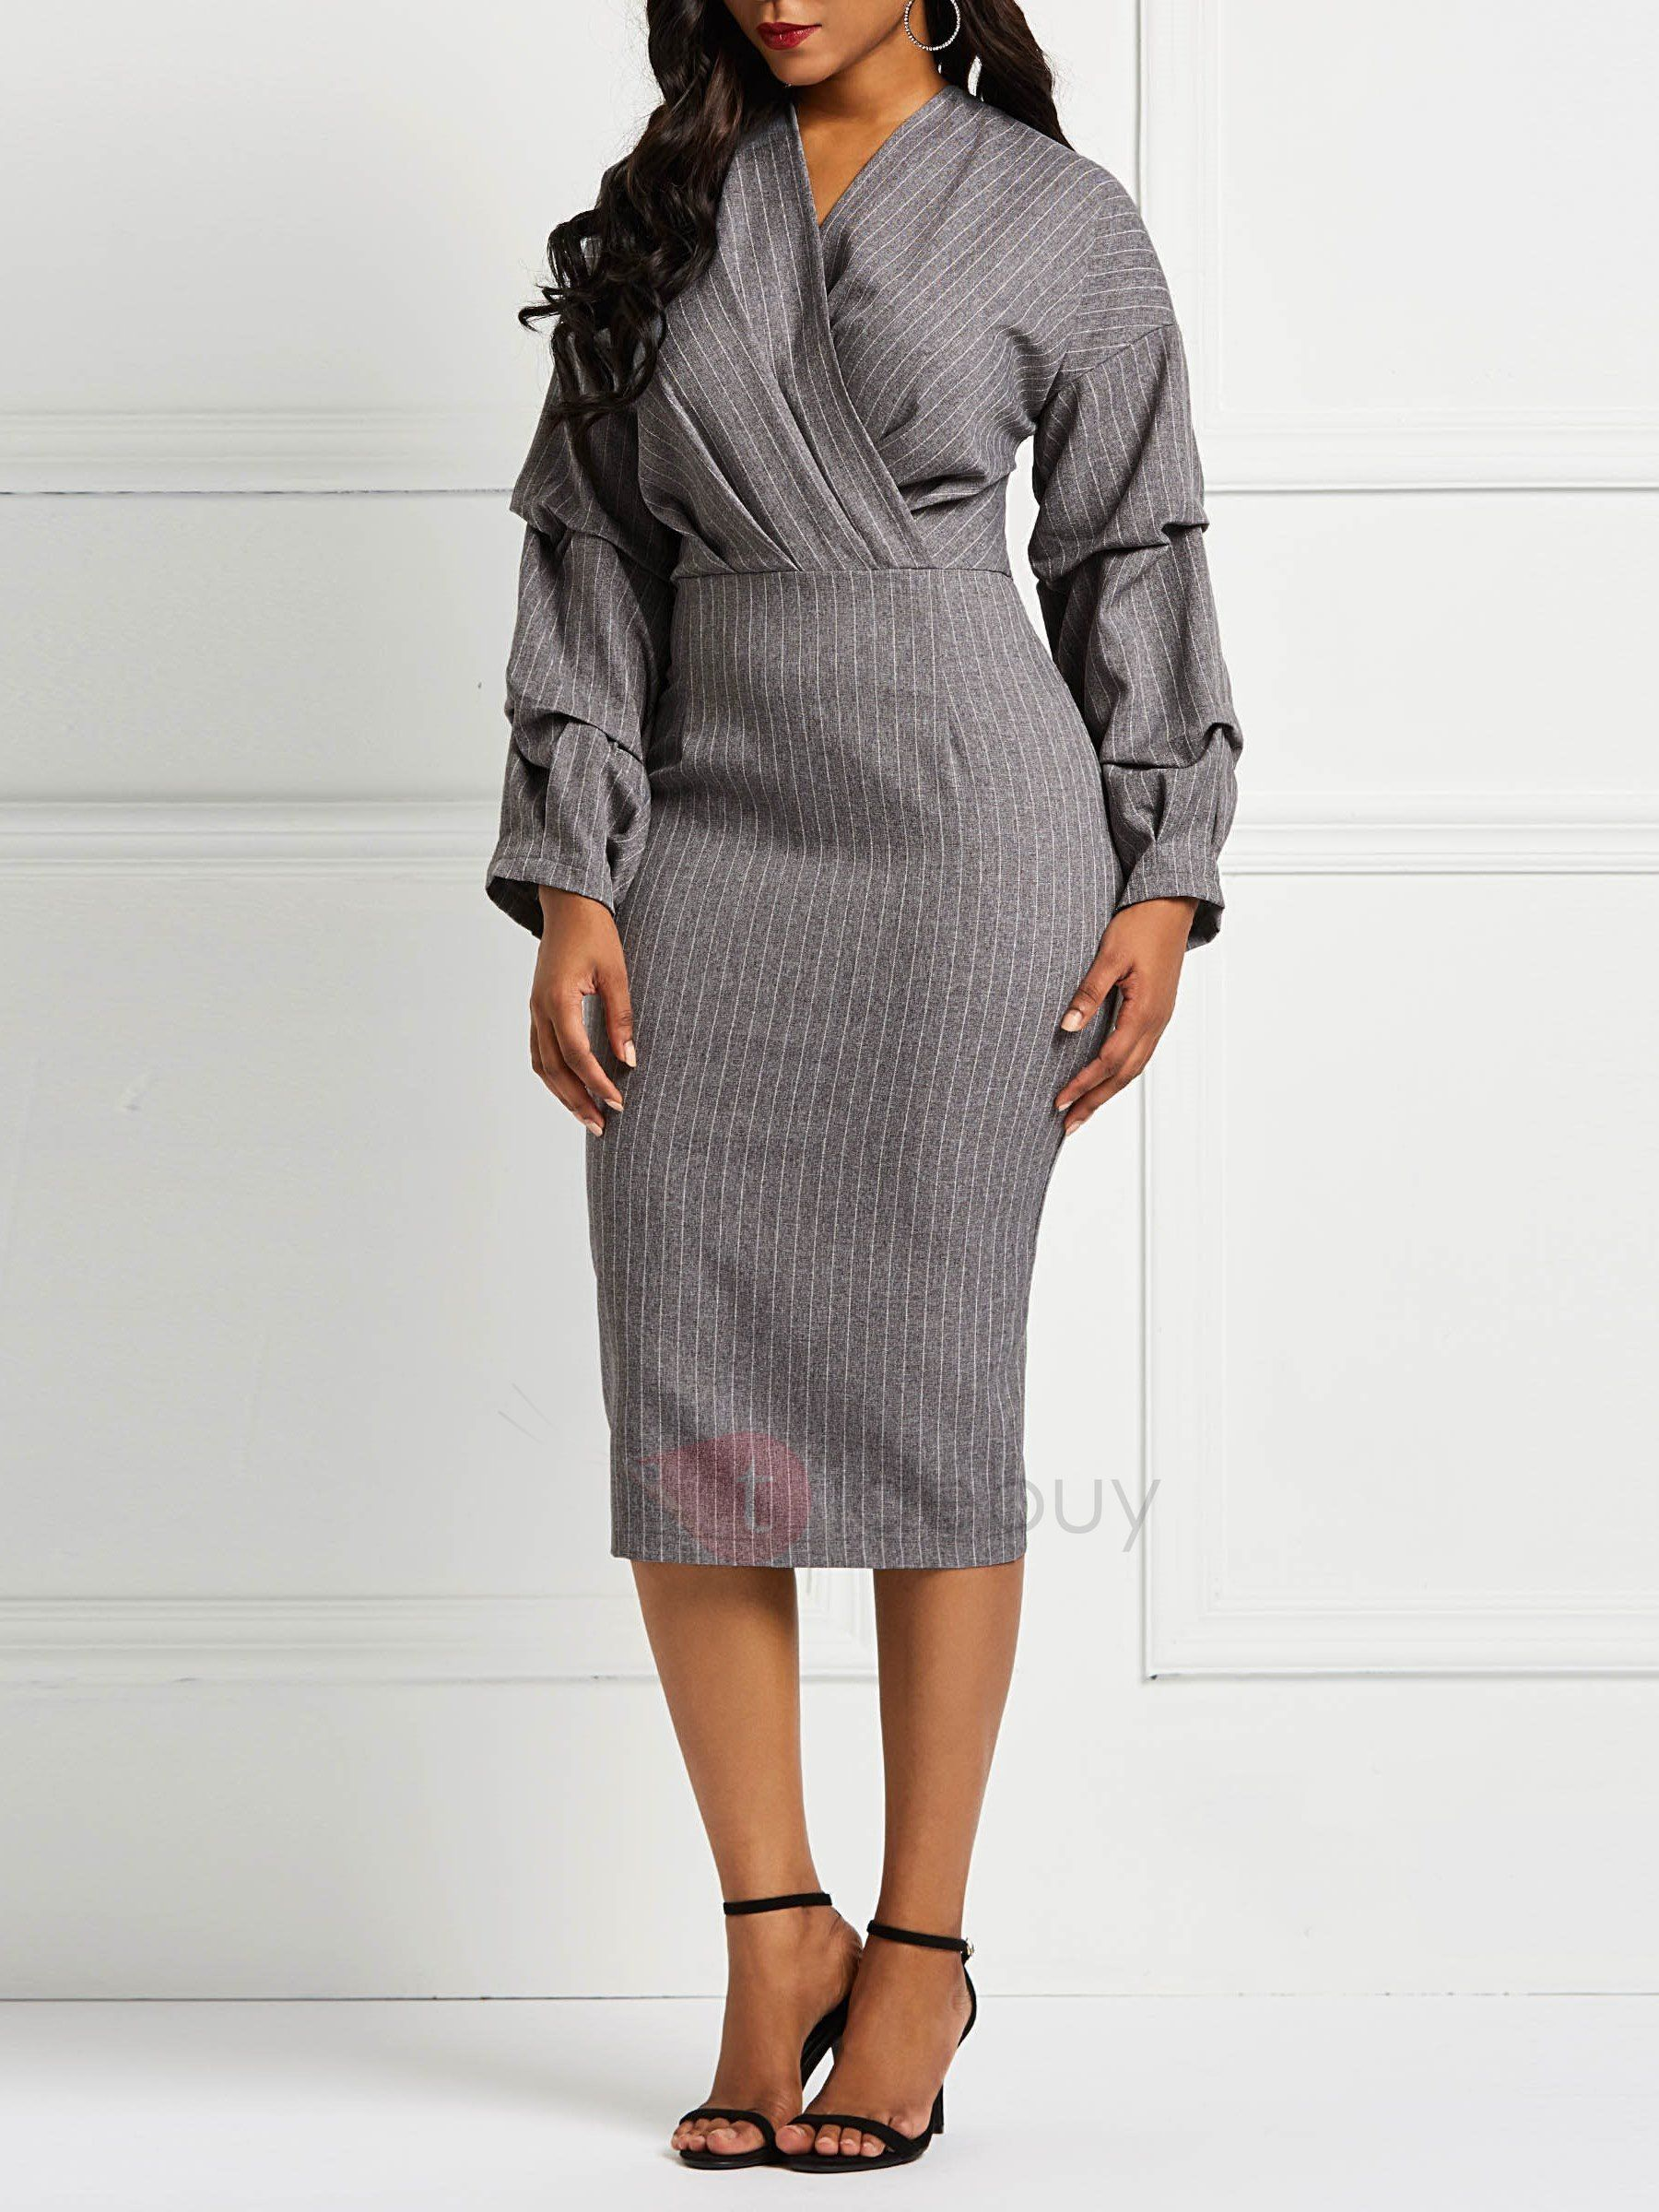 5c0cedca57 Long Sleeve V-Neck Pencil Pullover Women s Bodycon Dress Bodycon Dress  casual classy